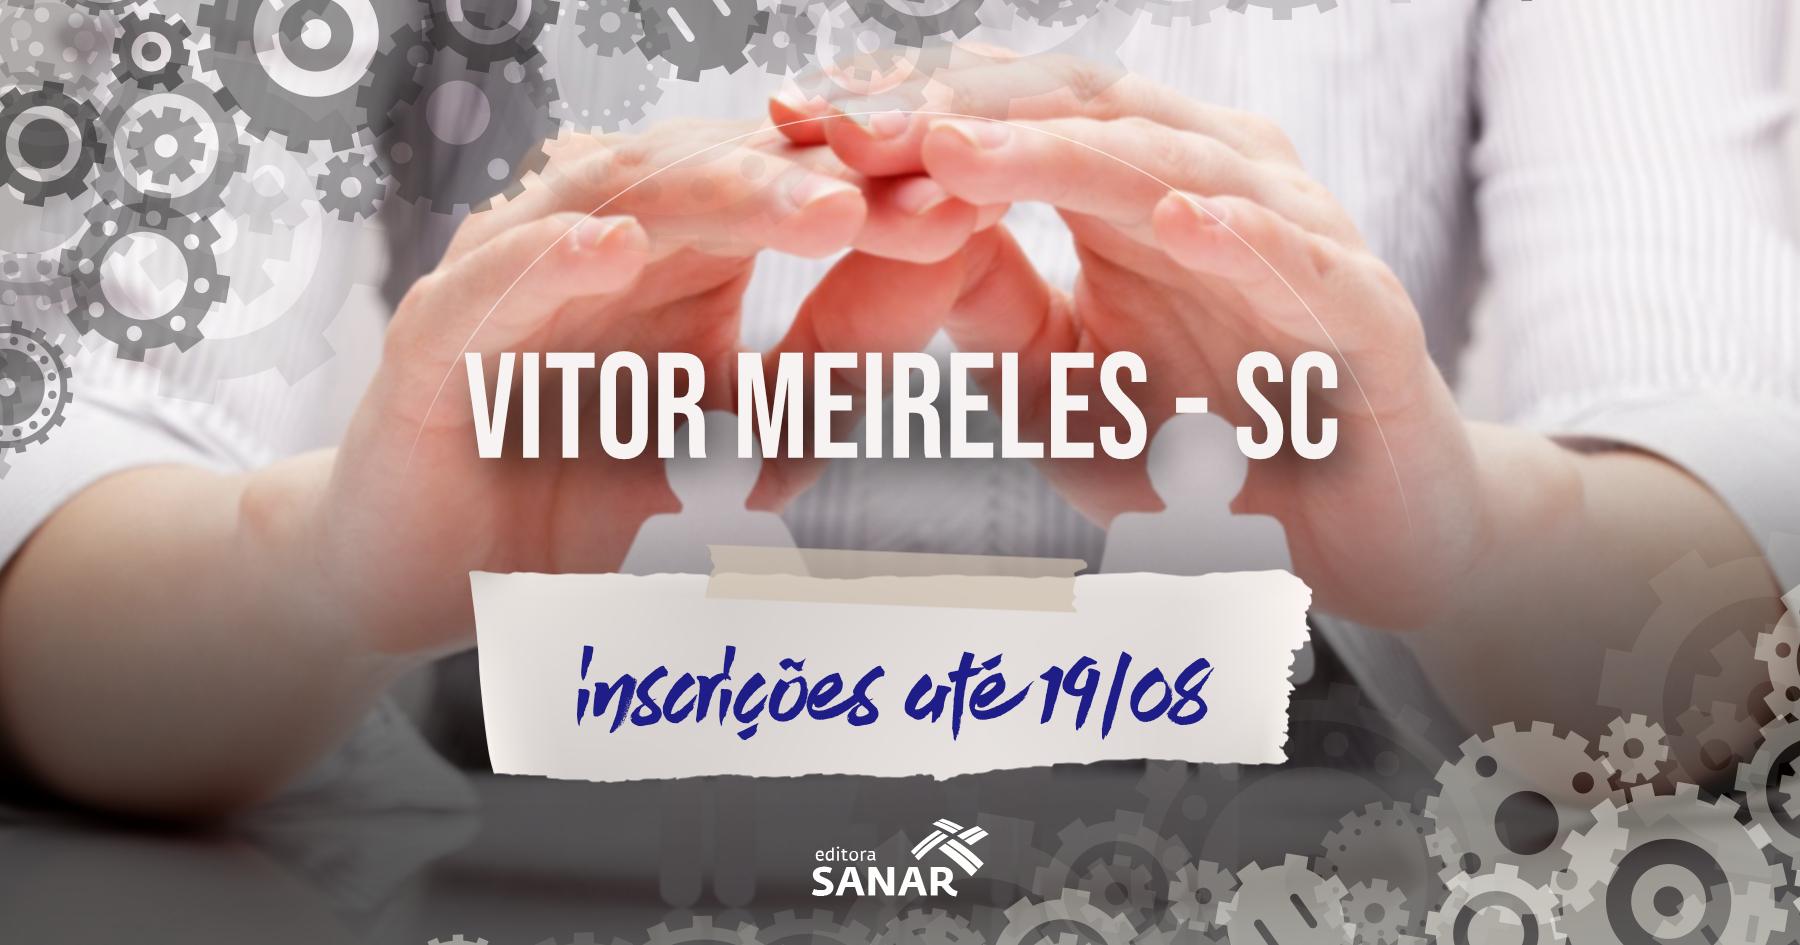 Concurso | Oportunidade para Médico ESF  em Santa Catarina